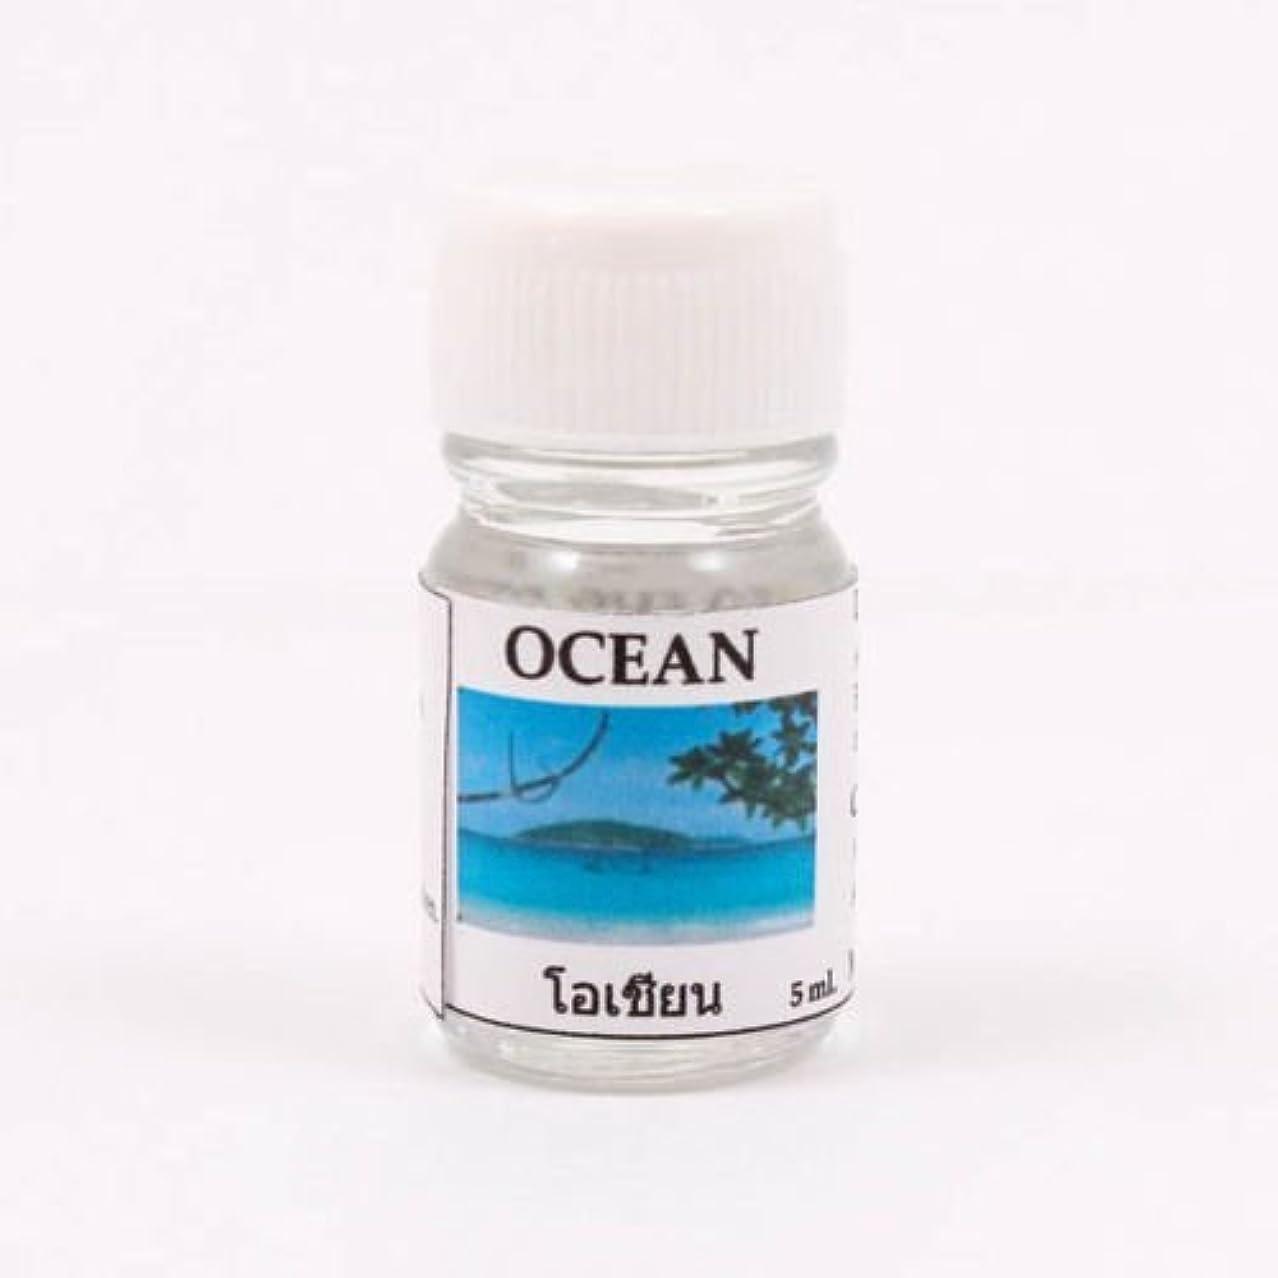 不安定クラッシュ触覚6X Ocean Aroma Fragrance Essential Oil 5ML. (cc) Diffuser Burner Therapy